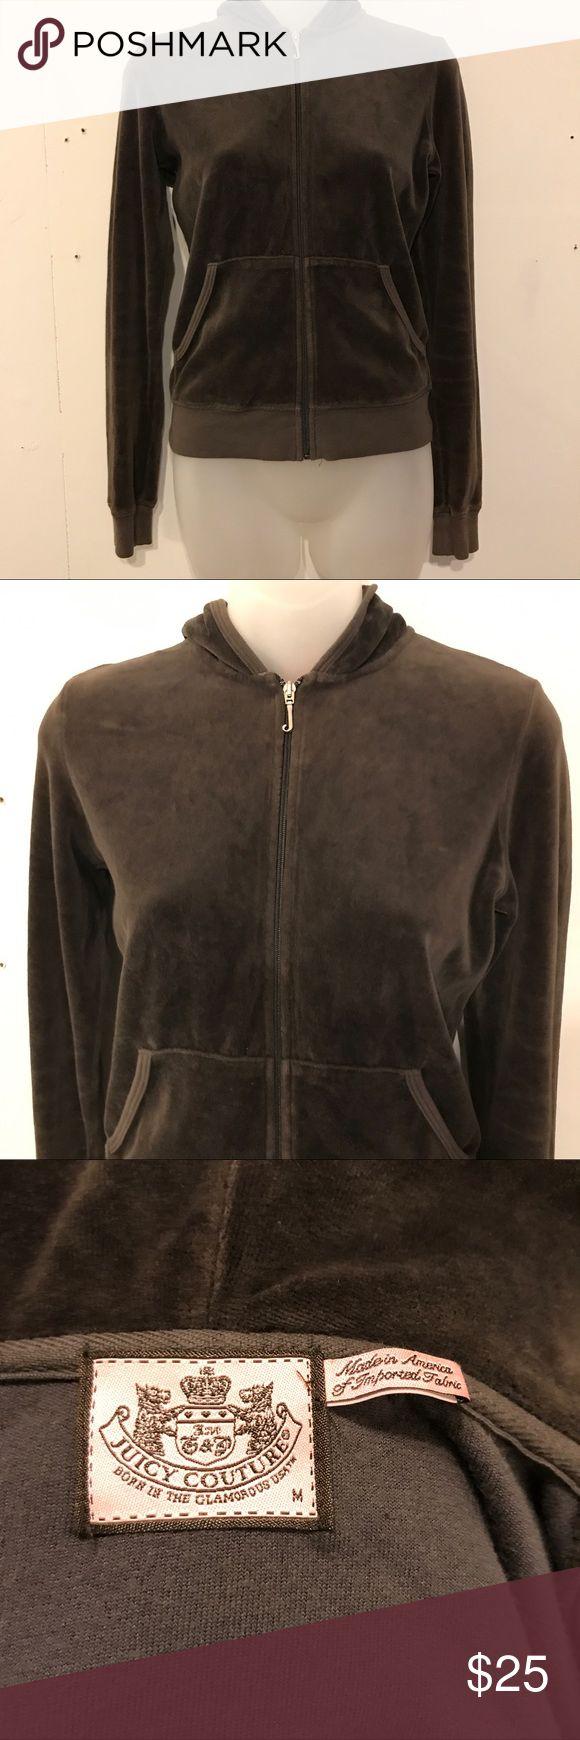 Juicy couture hoodie Brown velour juicy couture zip up hoodie Juicy Couture Sweaters